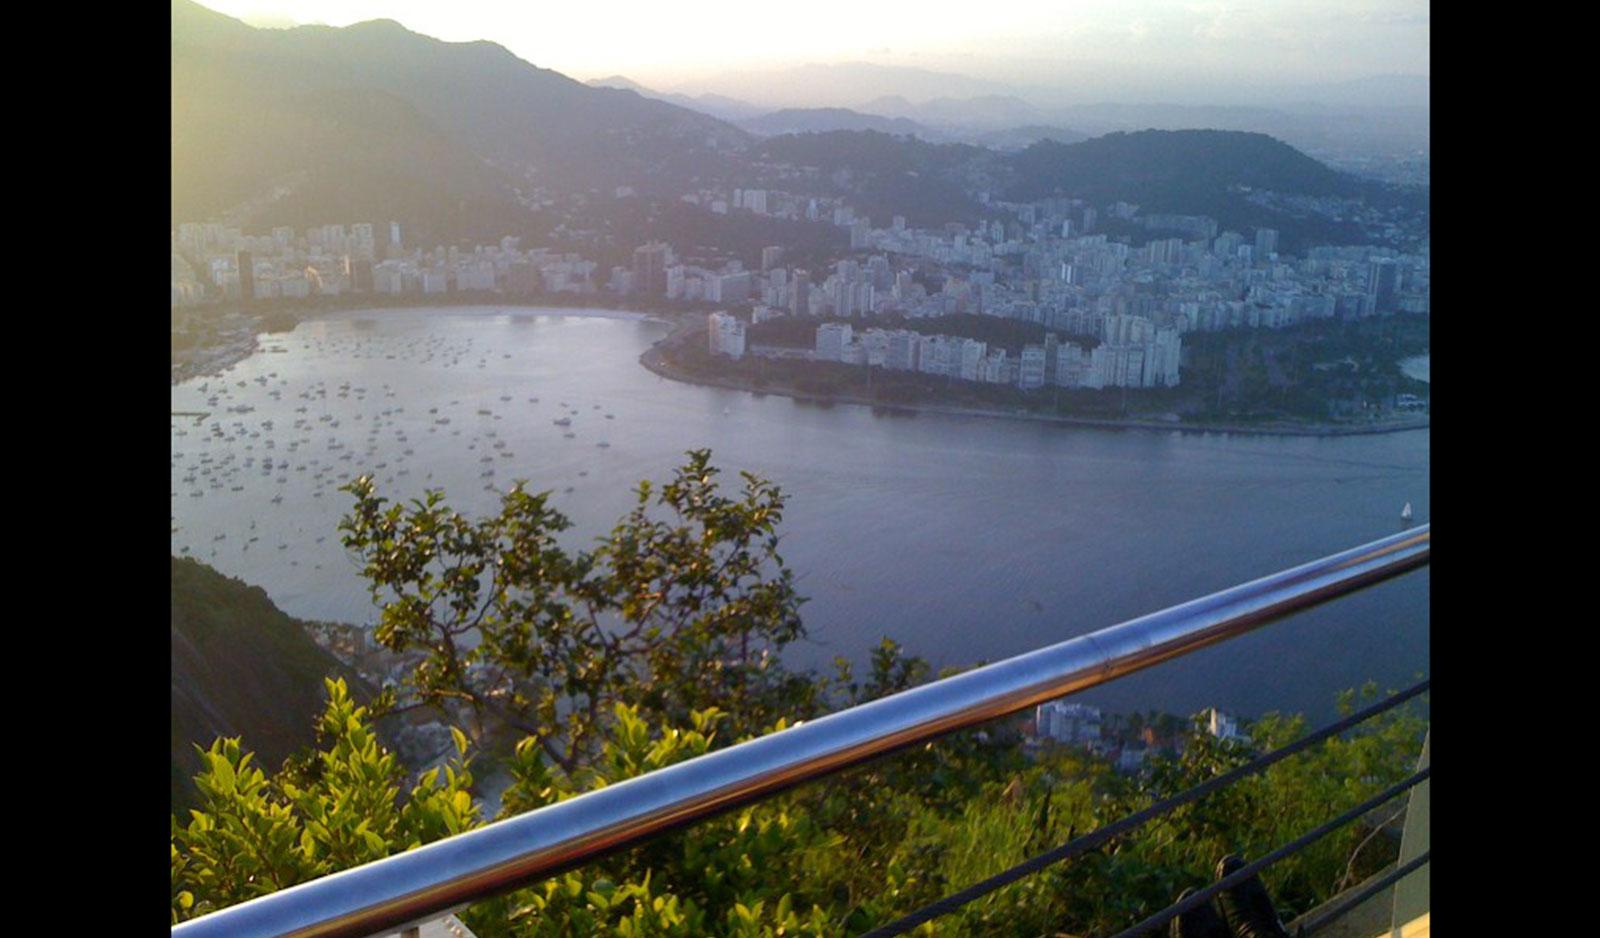 IMG_0450galerie_brazilia_tableta